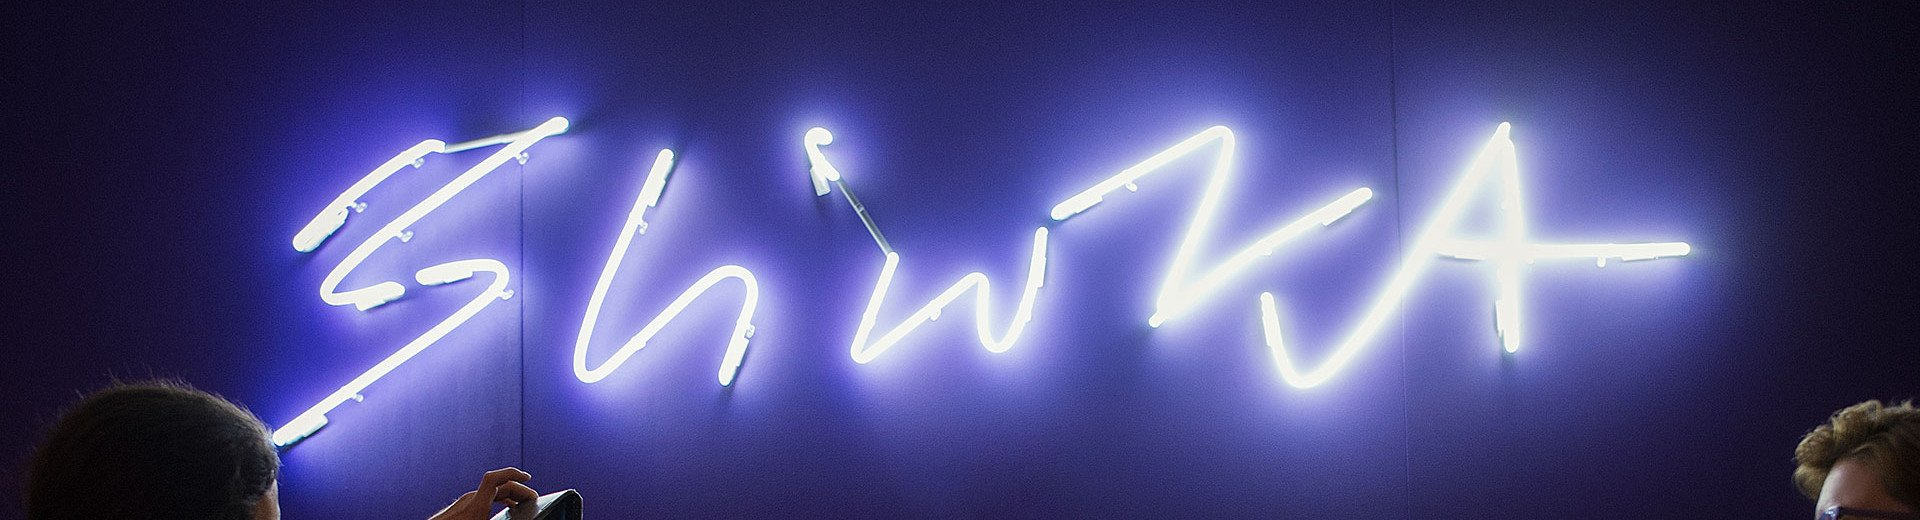 Okładka artykułu Człowiek w cieniu znaków — Karol Śliwka – polski mistrz projektowania graficznego